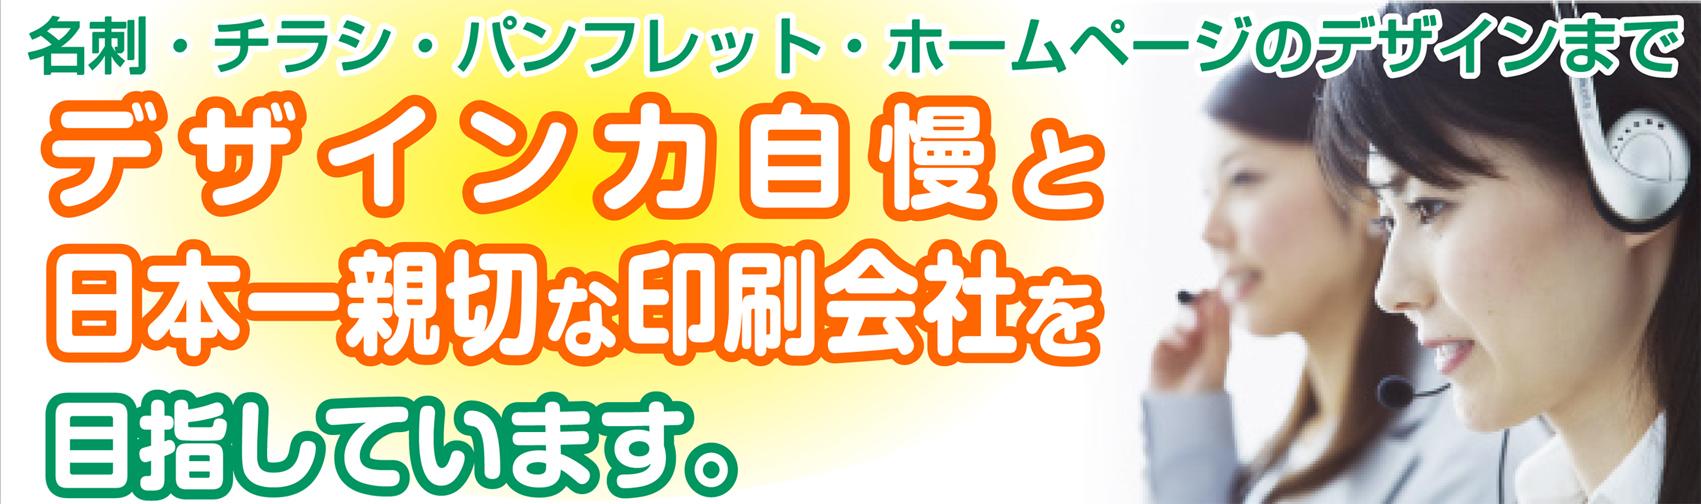 日本一親切な印刷会社を目指します!